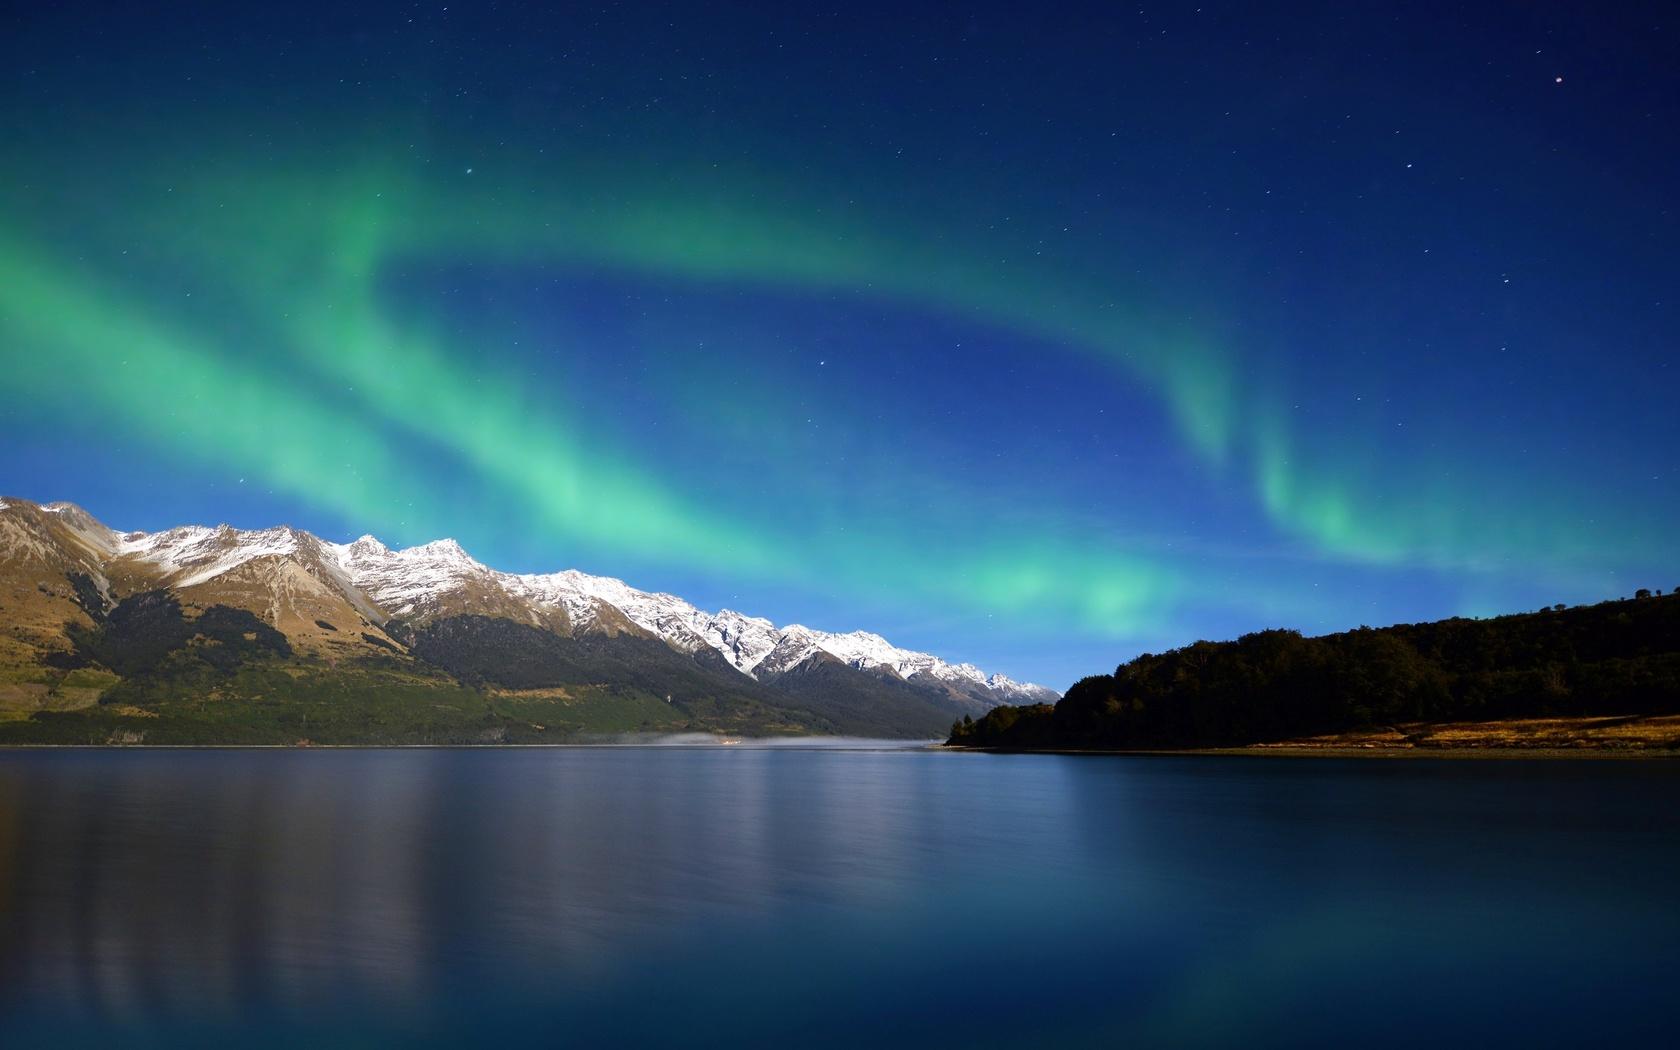 северное сияние, аврора, зеленый, озеро, живописное, небо, ночь